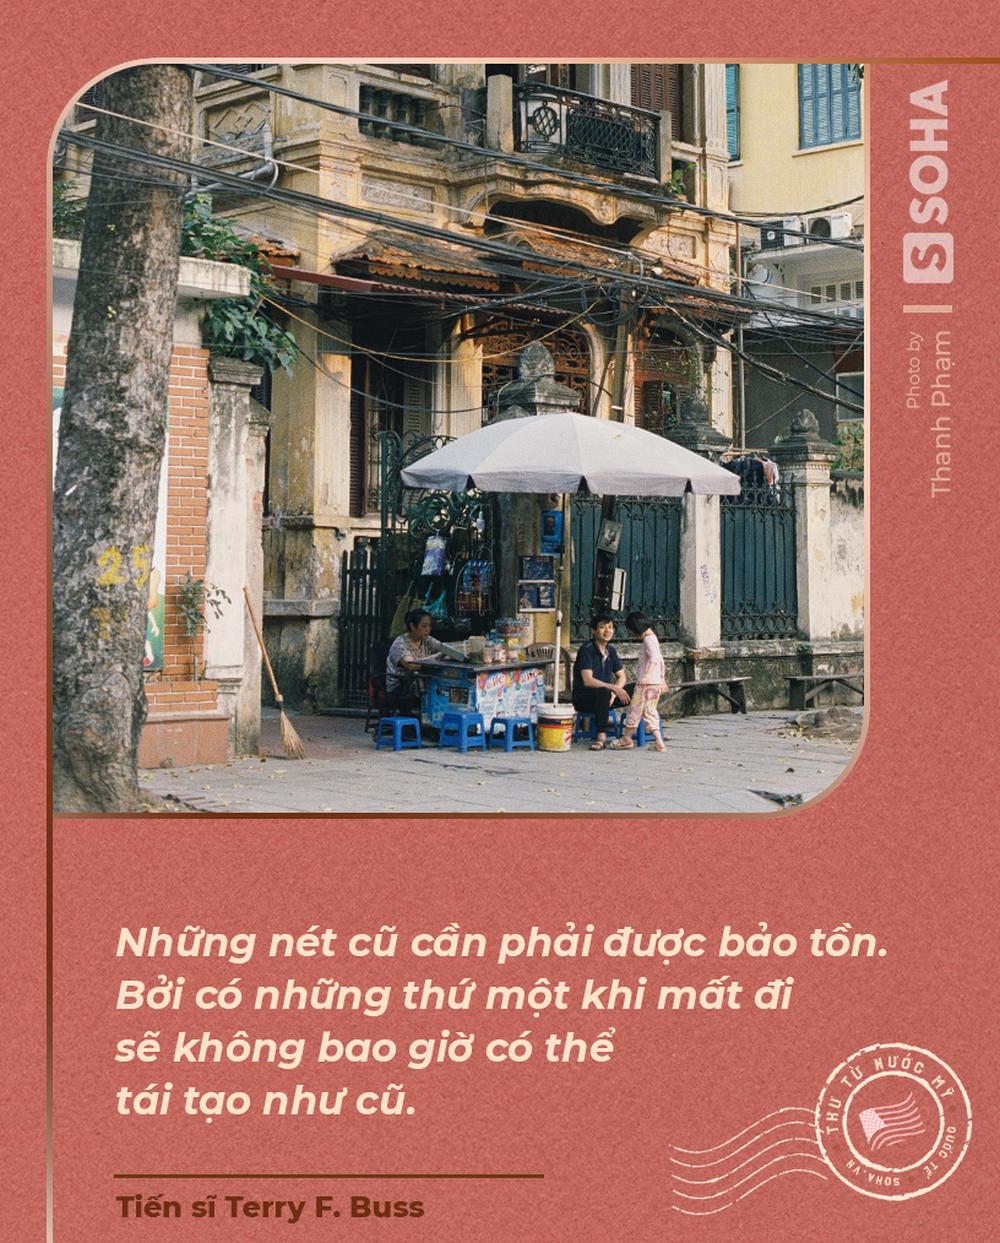 Thư từ nước Mỹ: Cột điện Hà Nội và chuyện phố cổ trong mắt một người Mỹ - ảnh 8